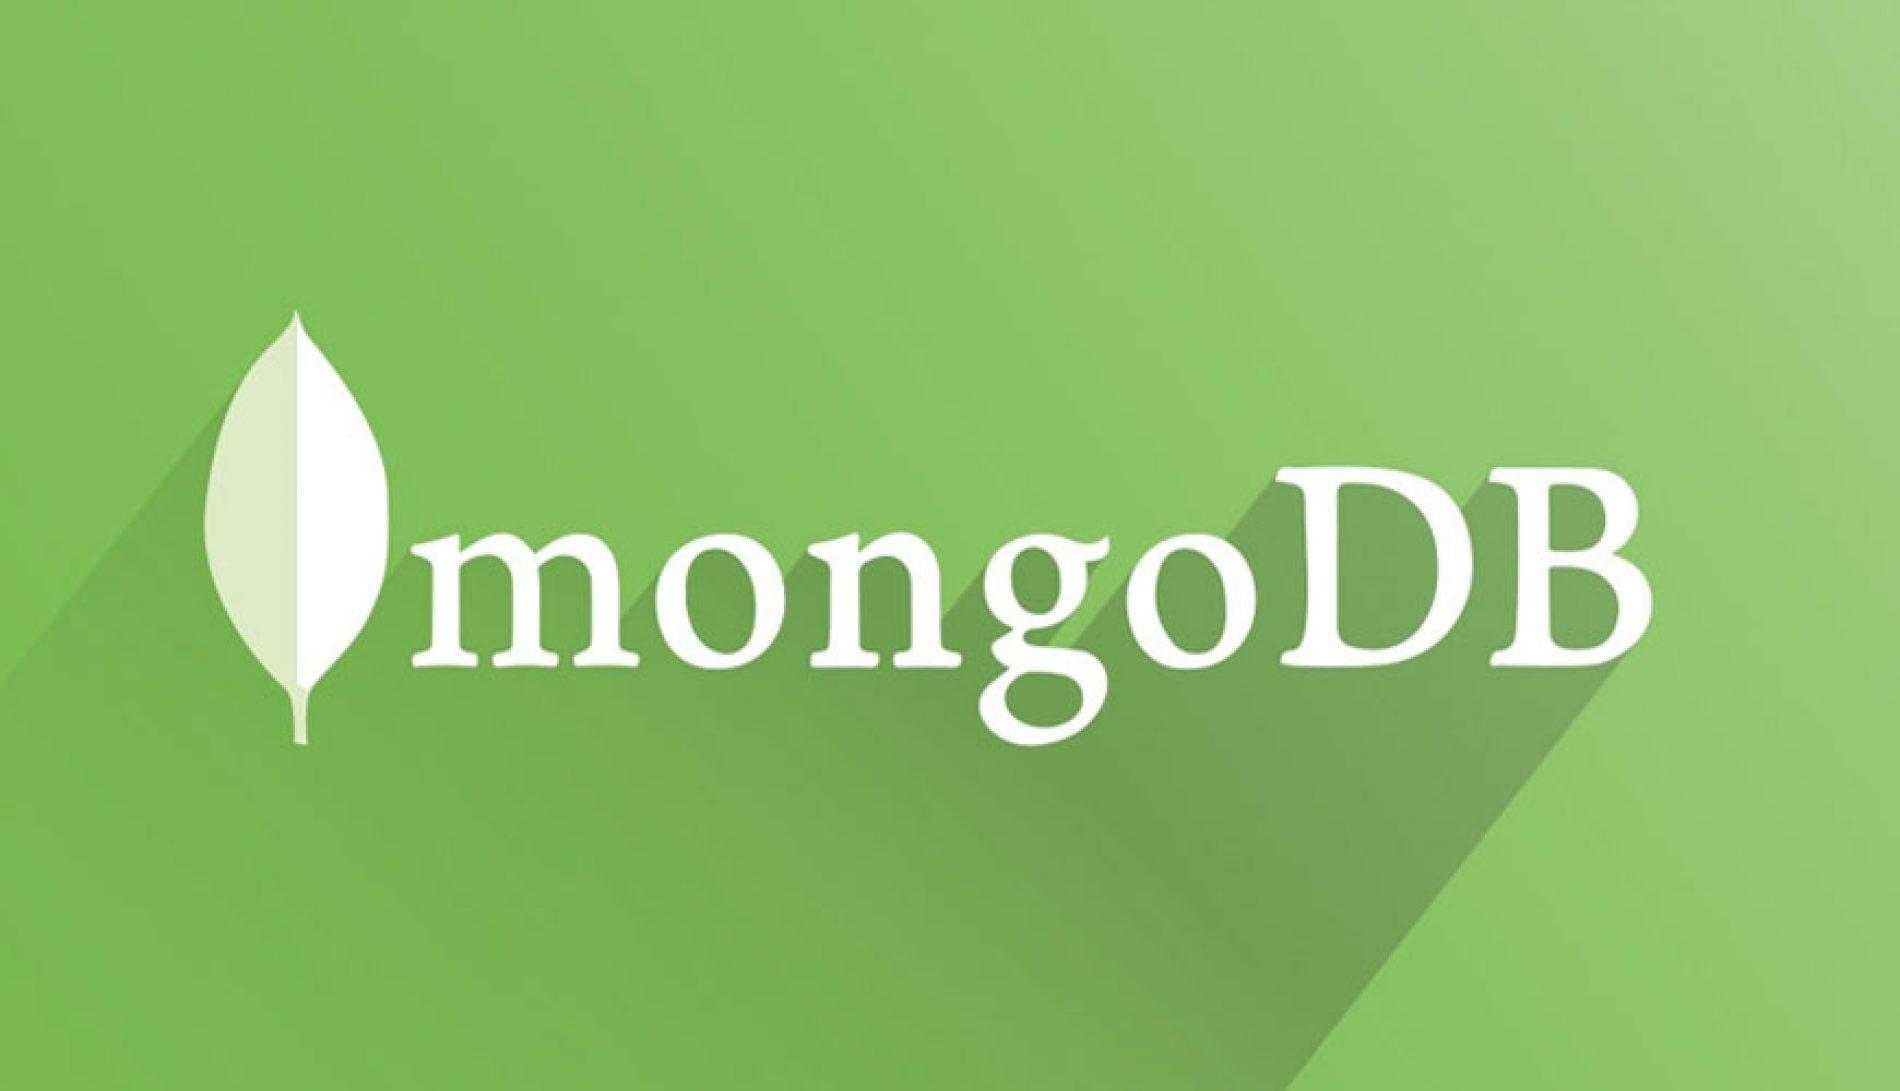 Curso MongoDB Presencial em São Paulo | 4Linux